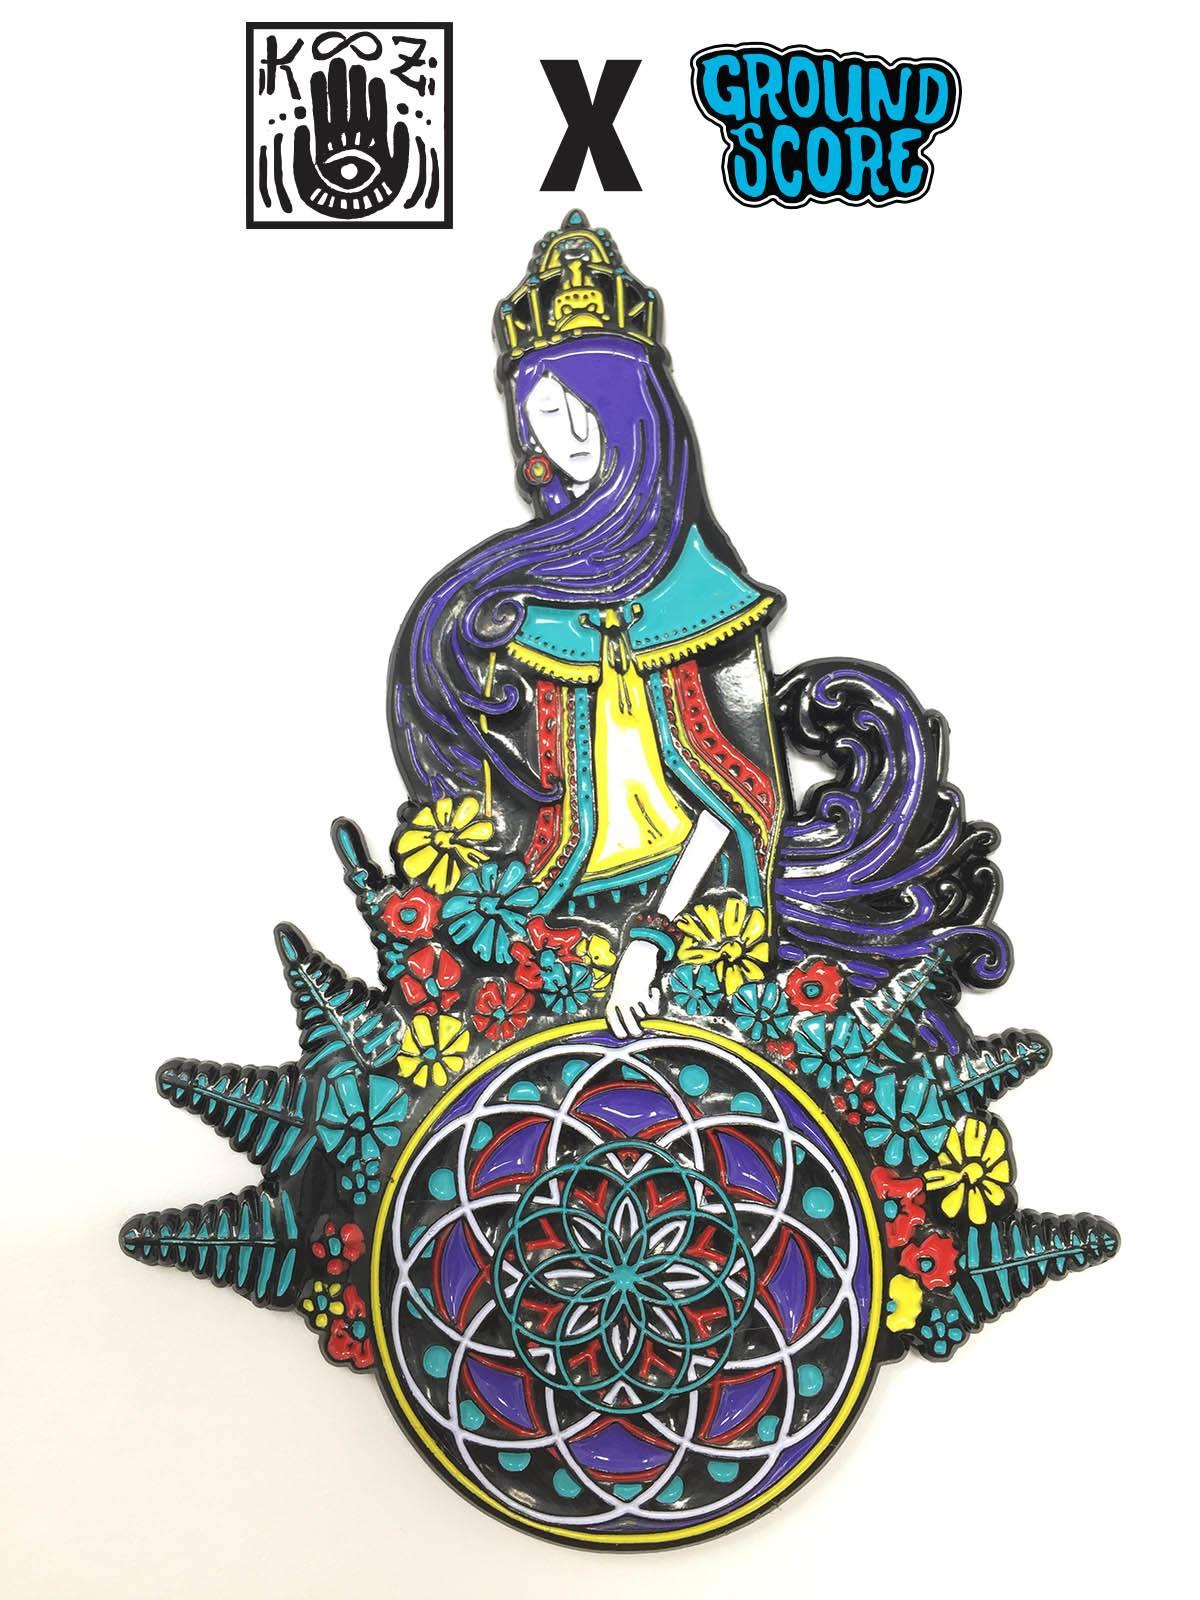 KOOZ - Lady of the Hoop 3D Magnet (LE 50)